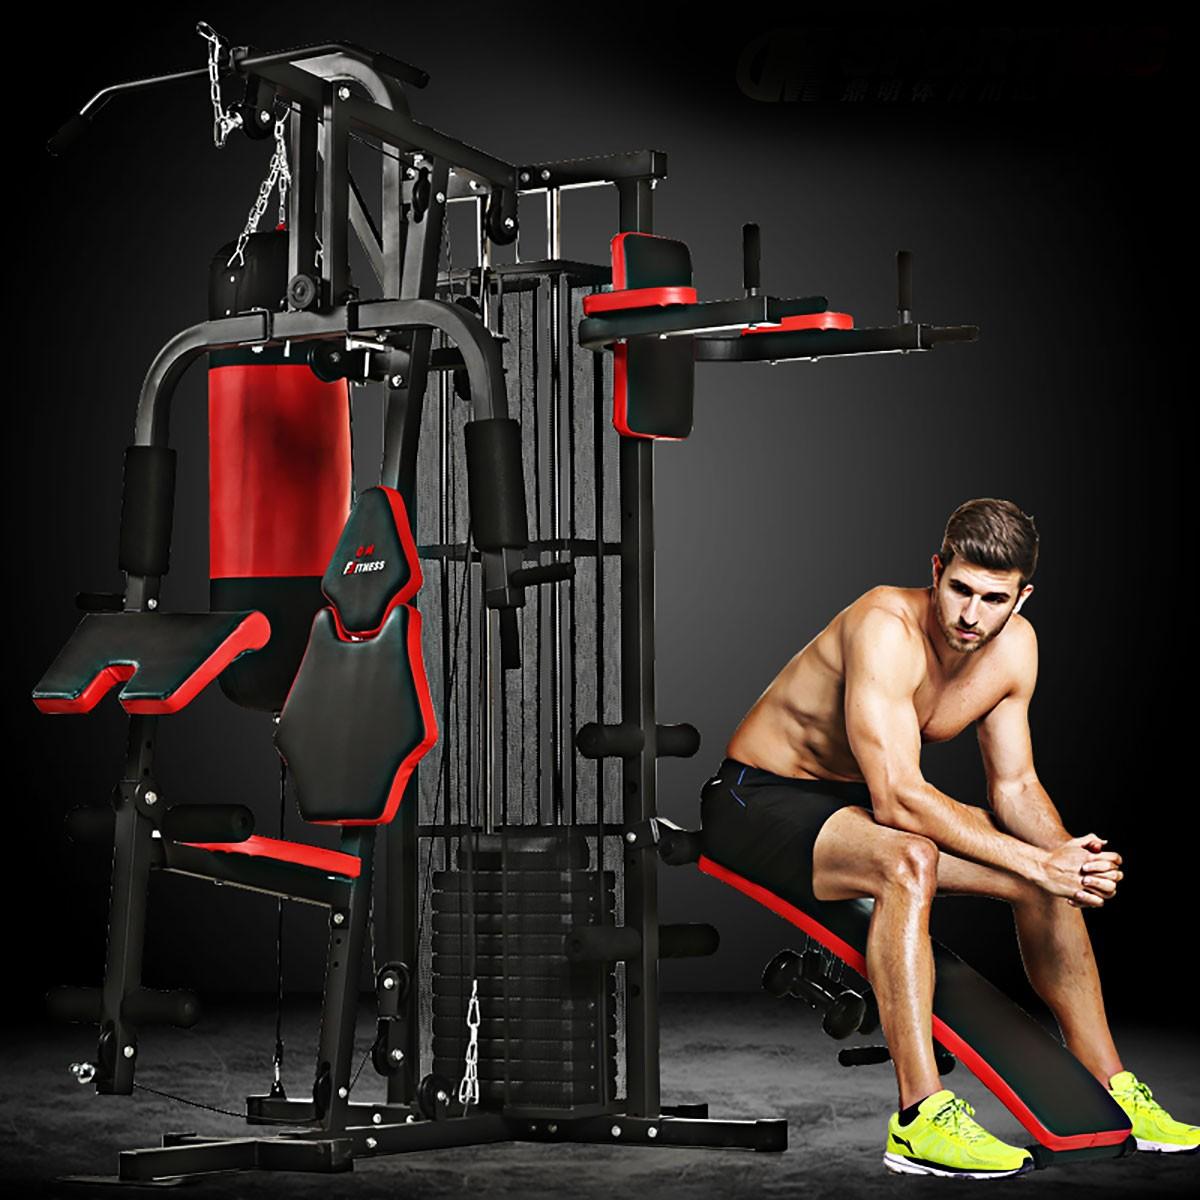 Appareil de Musculation à Domicile de Multi-Fonction pour Multi-utilisateur Simultanément (HG4.2)